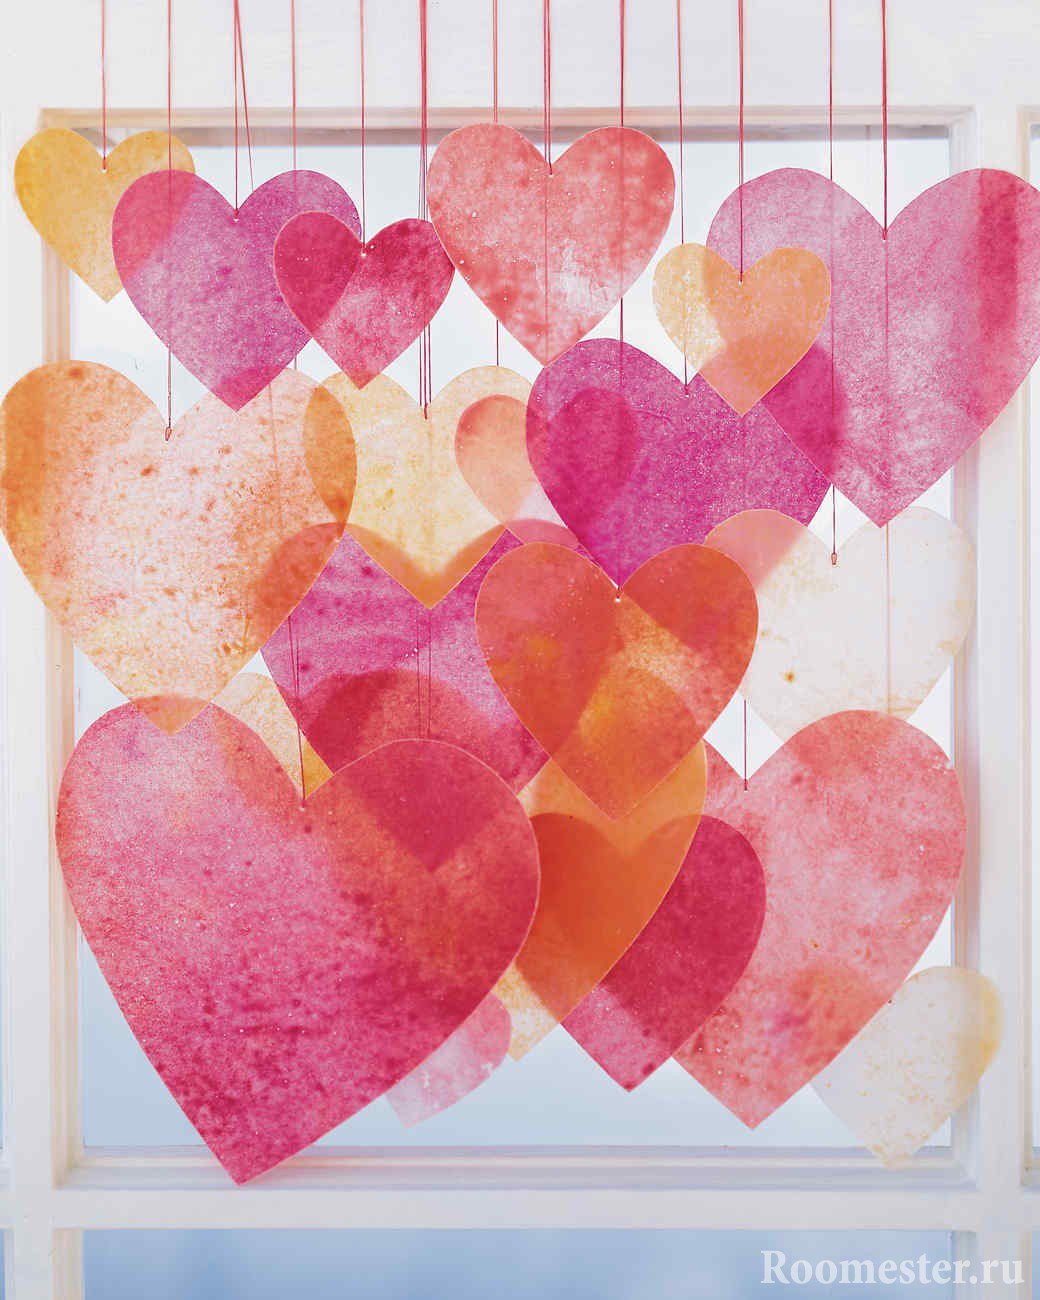 ᐉ гирлянда из теплых сердец ко дню всех влюбленных - своими руками -